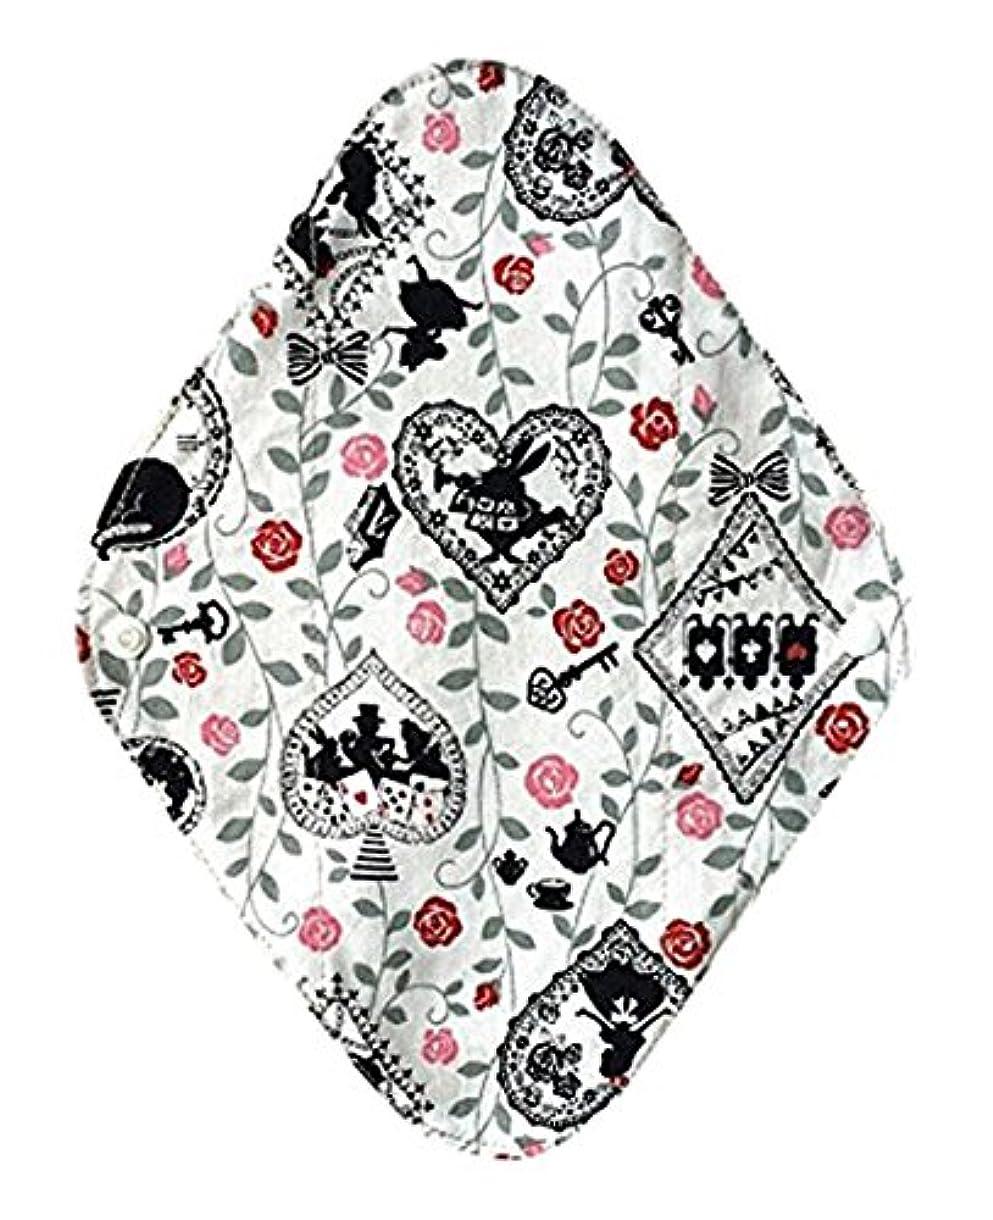 ホイットニー矢変化する華布のオーガニックコットンの布ナプキンホルダー (約17×約23×約0.3cm) アリスホワイト